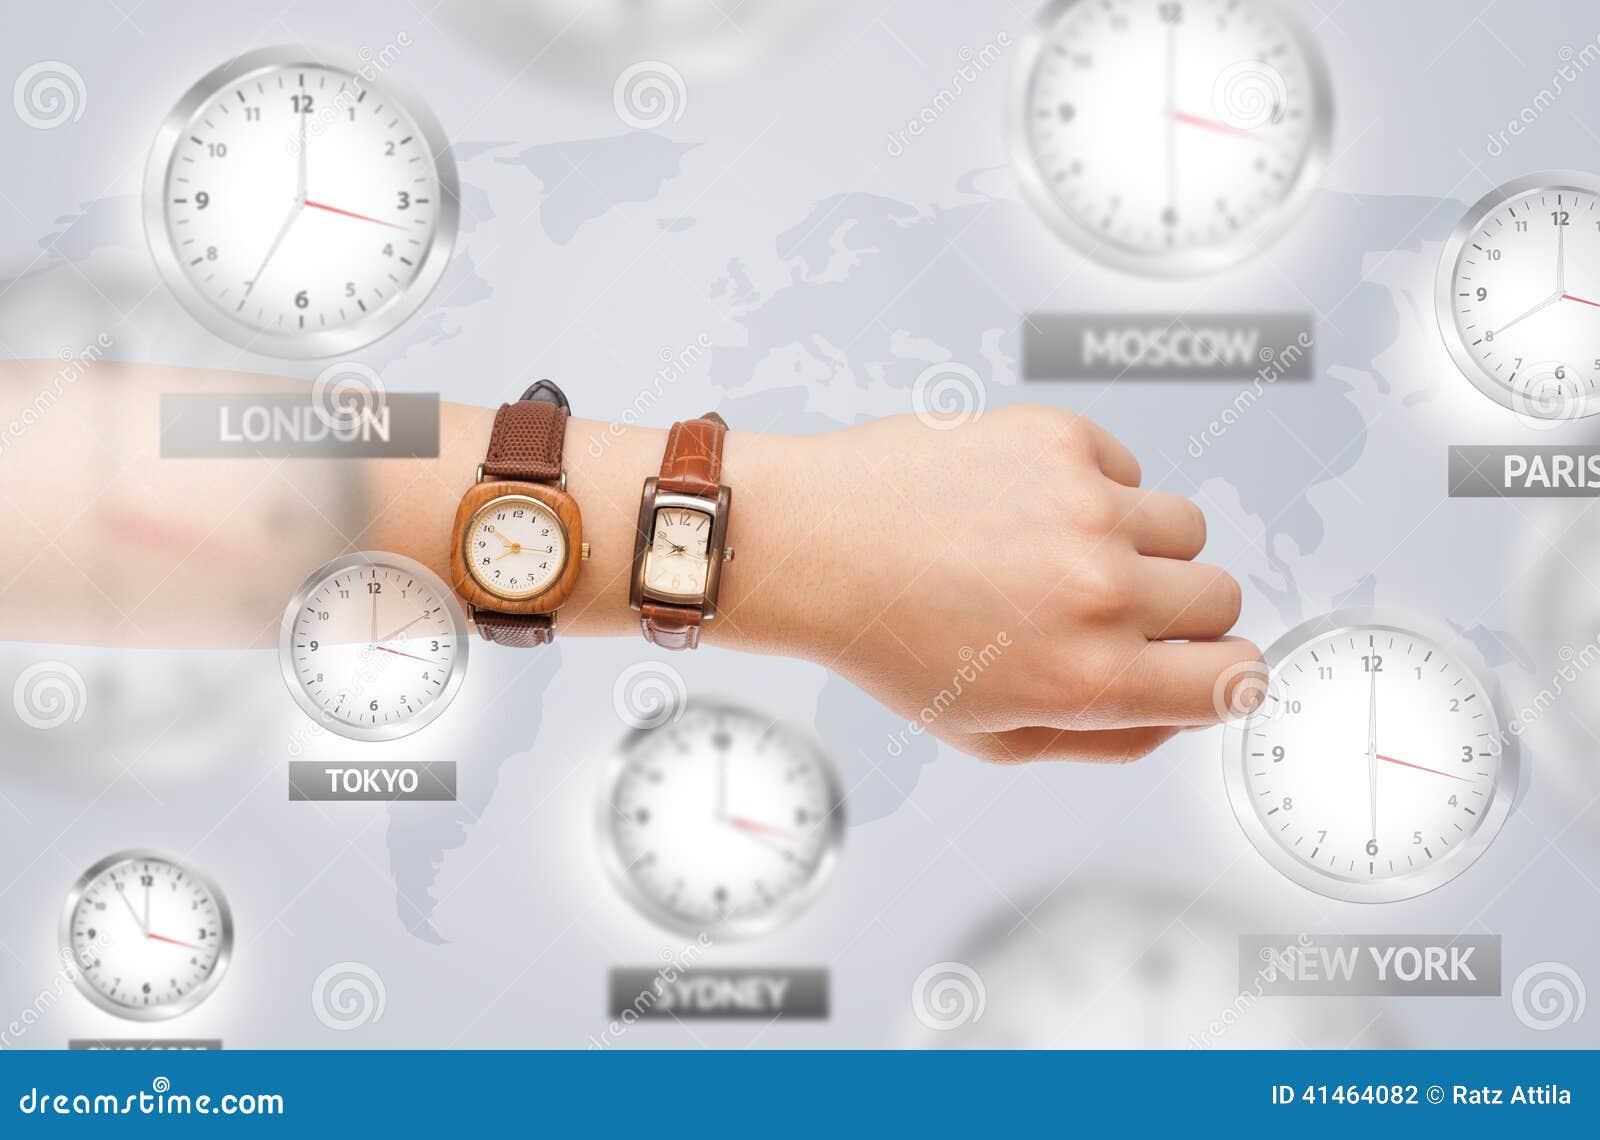 Orologi e fasce orarie sopra il concetto del mondo